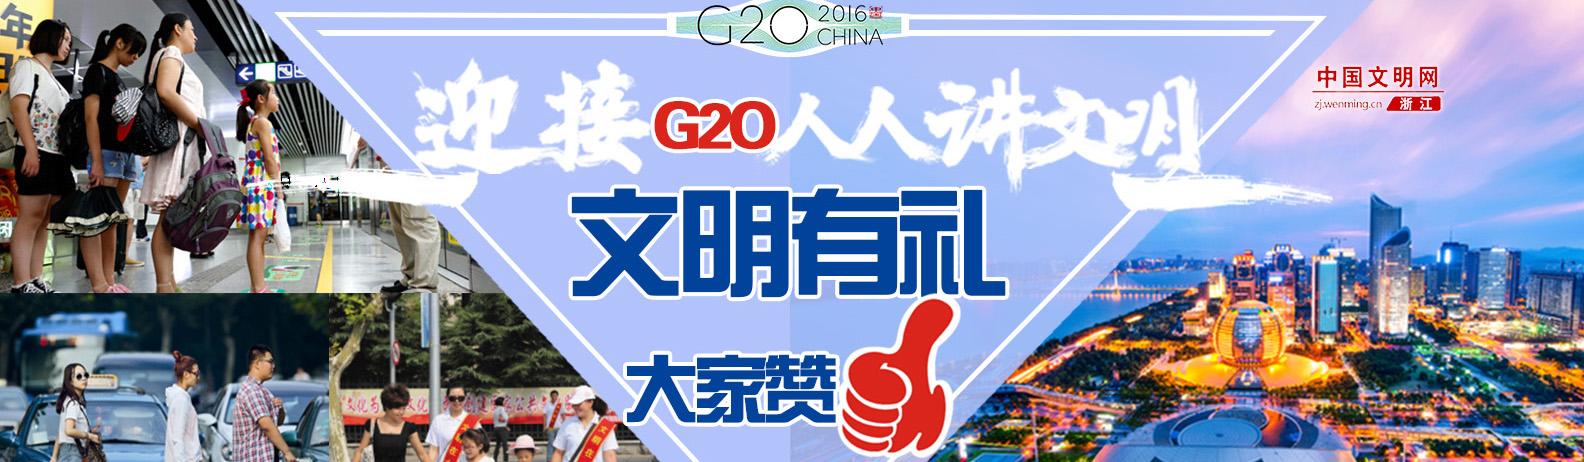 banner——浙江站.jpg